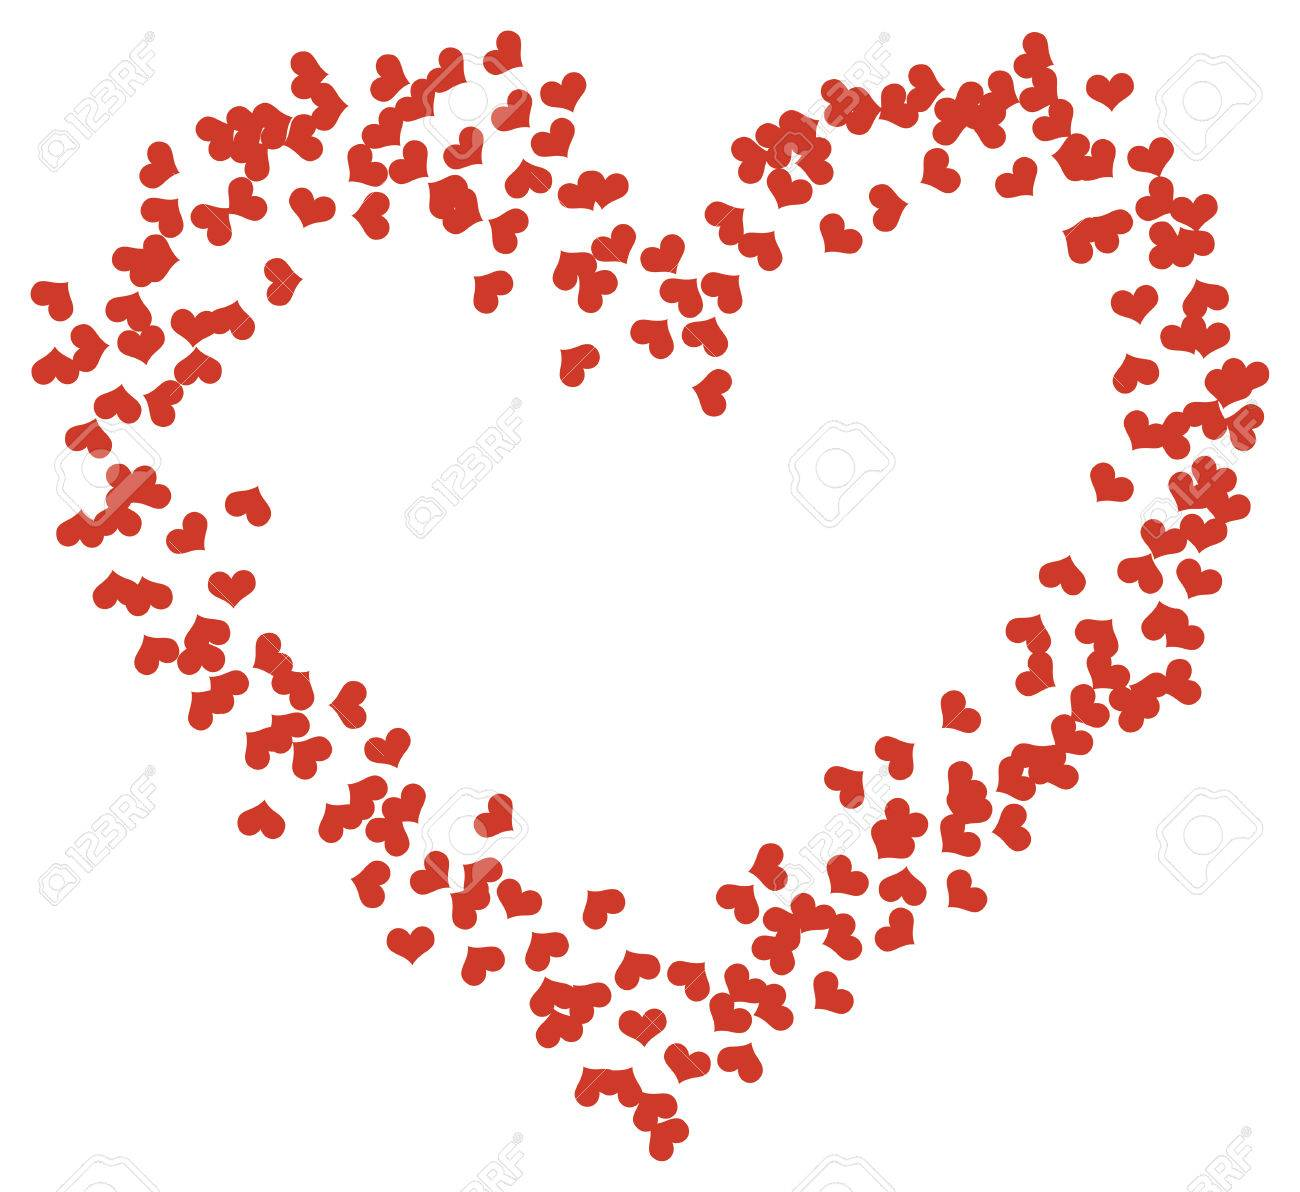 Ein Großes Herz Aus Vielen Kleinen Herzen, Auf Weißem Hintergrund ...